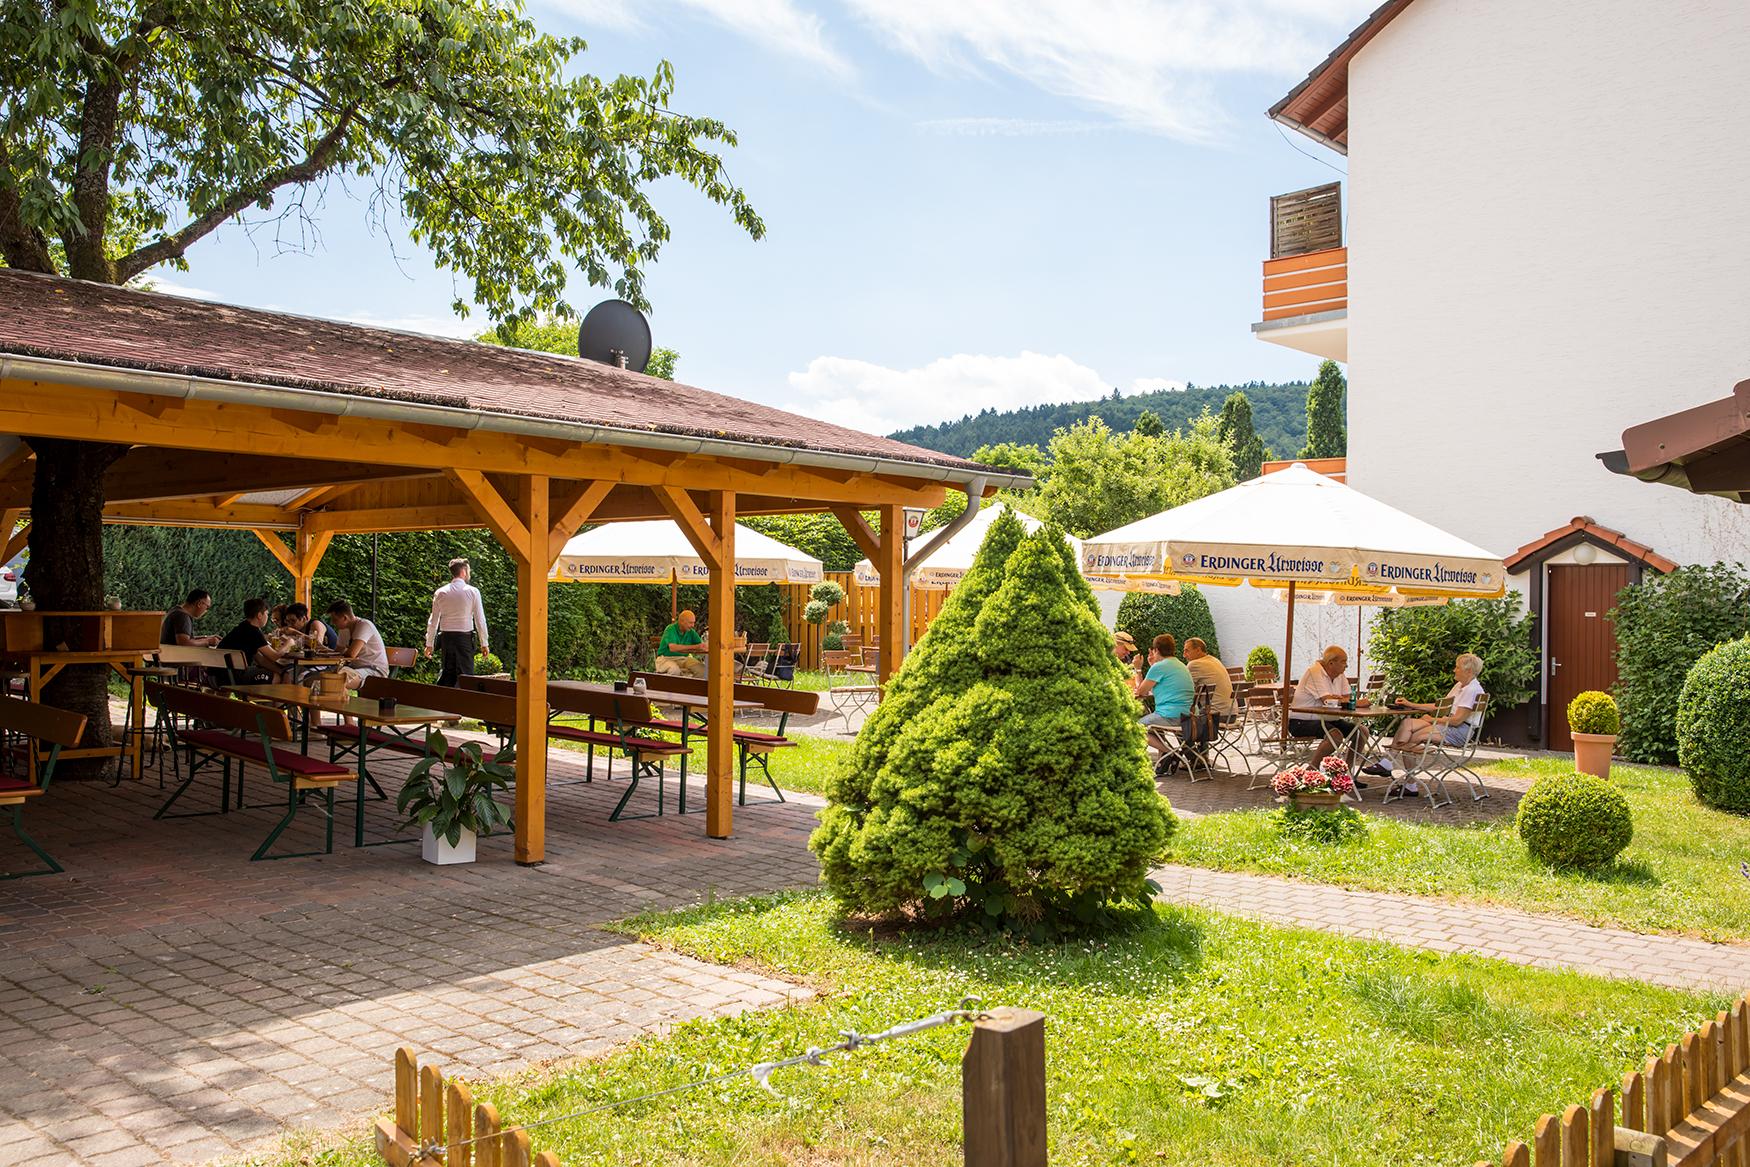 Der Biergarten des Restaurants Zimmermanns für Restaurantgäste in der Nähe von Bad Wildungen ist teilweise überdacht